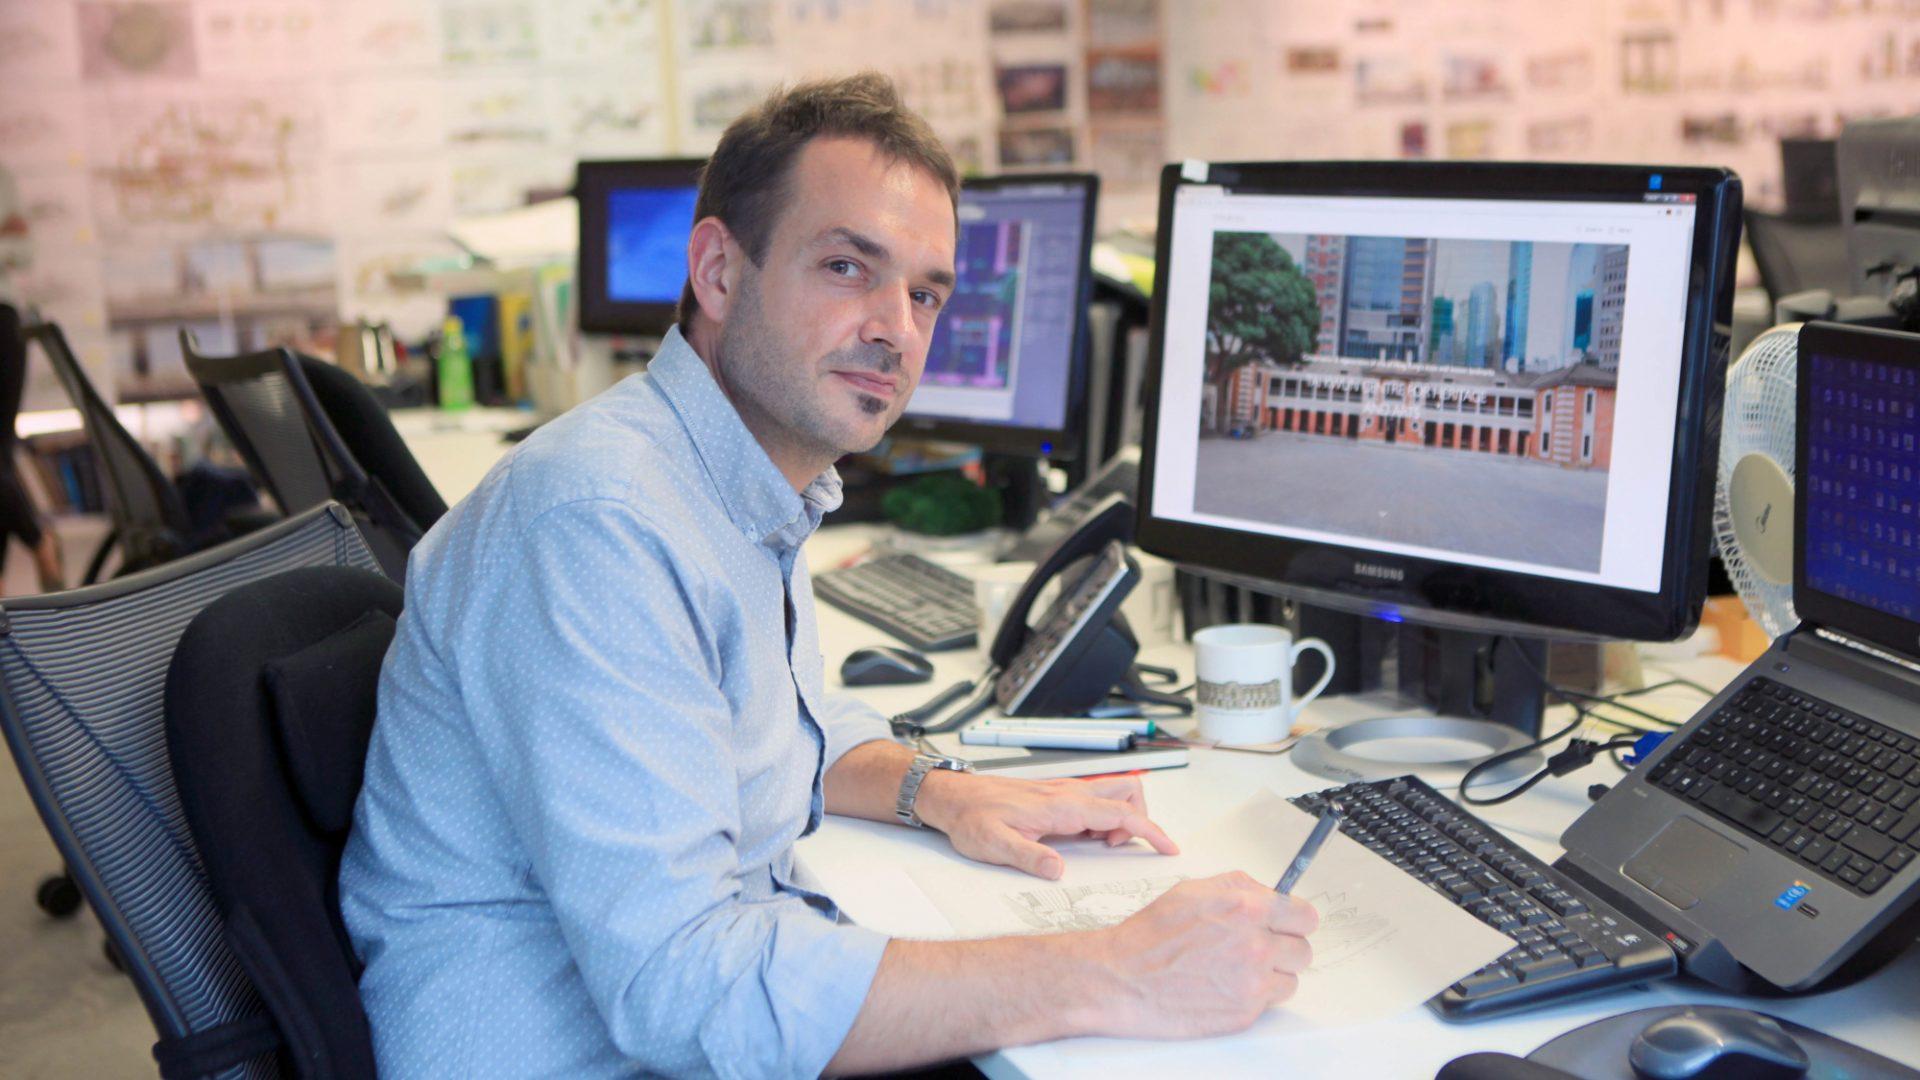 Steve Phillips